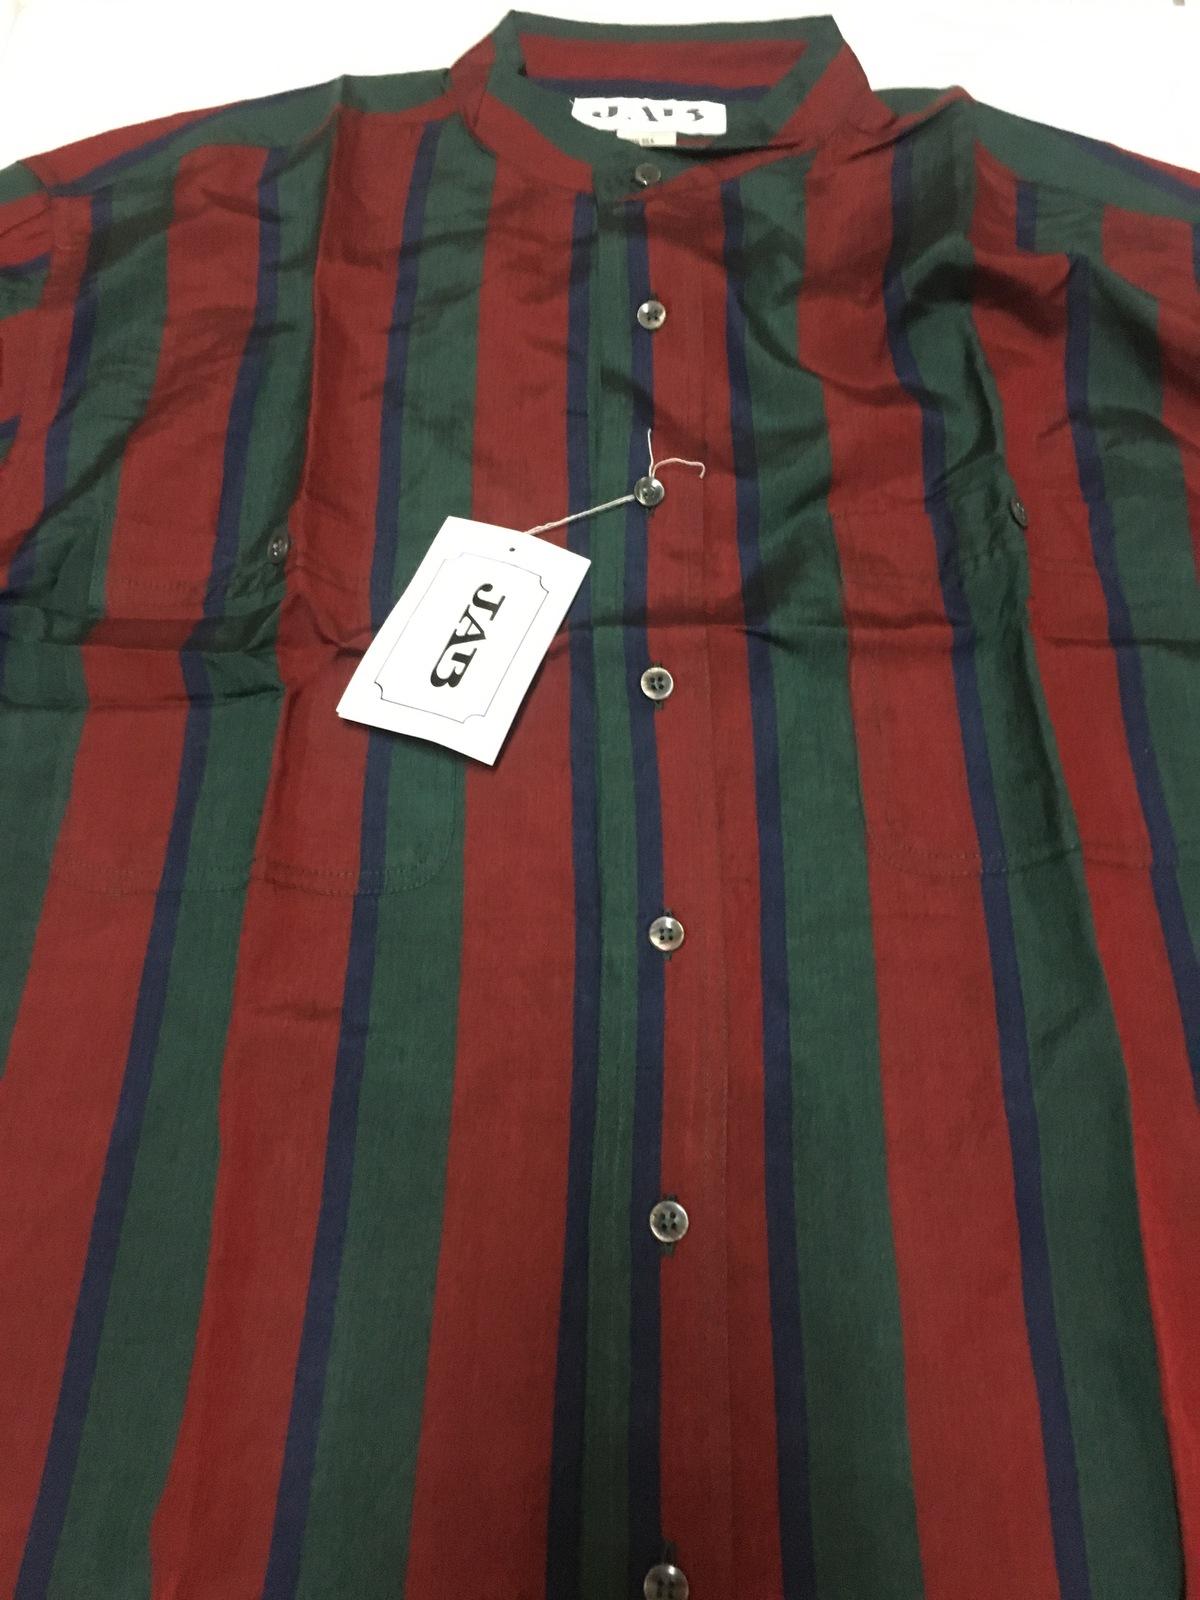 Men's 100% Silk Long Sleeved Shirt Red,Green & Blue Striped XL, M